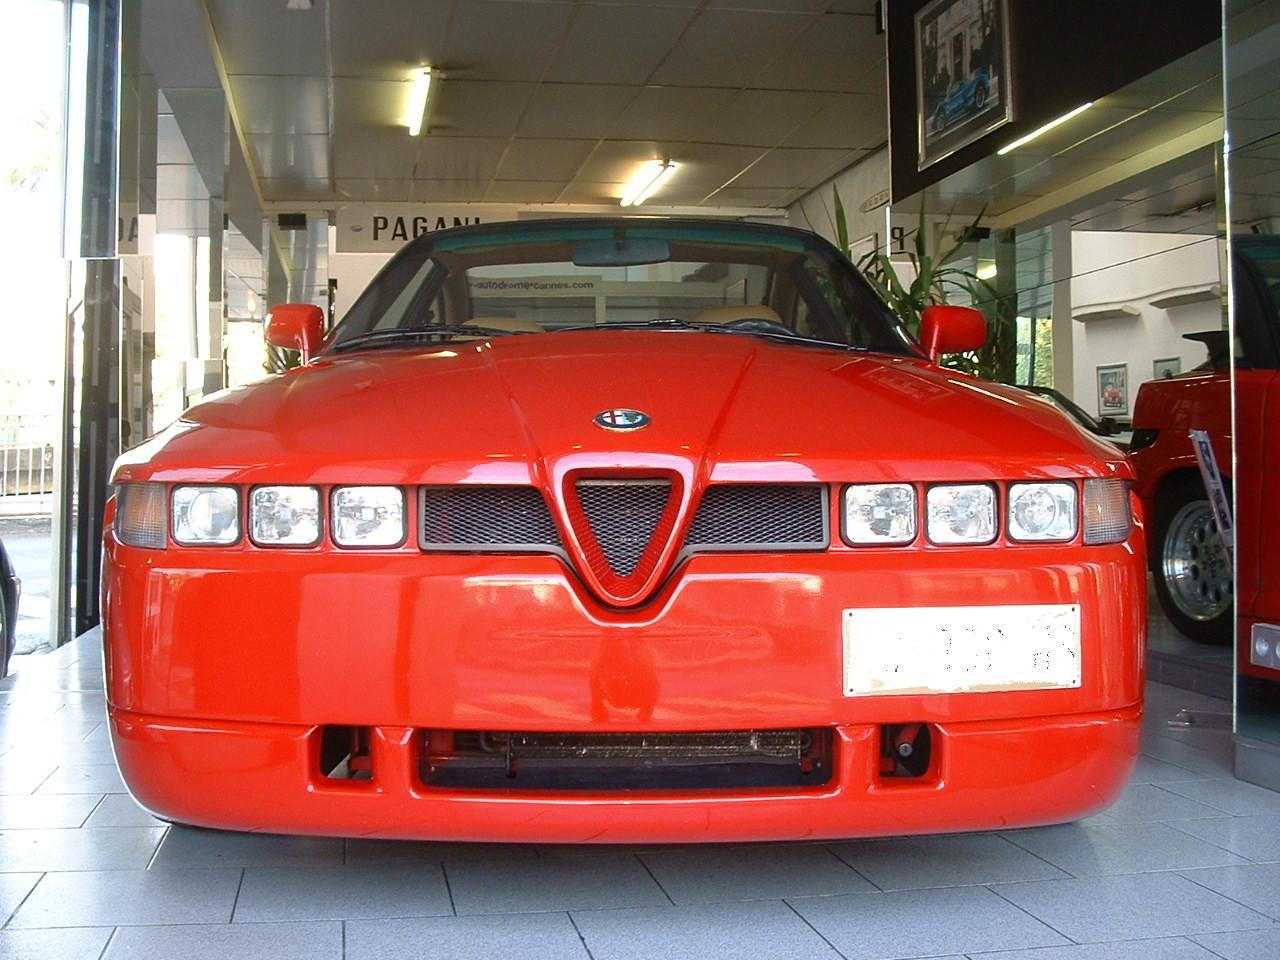 ALFA-ROMEO Giulietta SZ 92 one